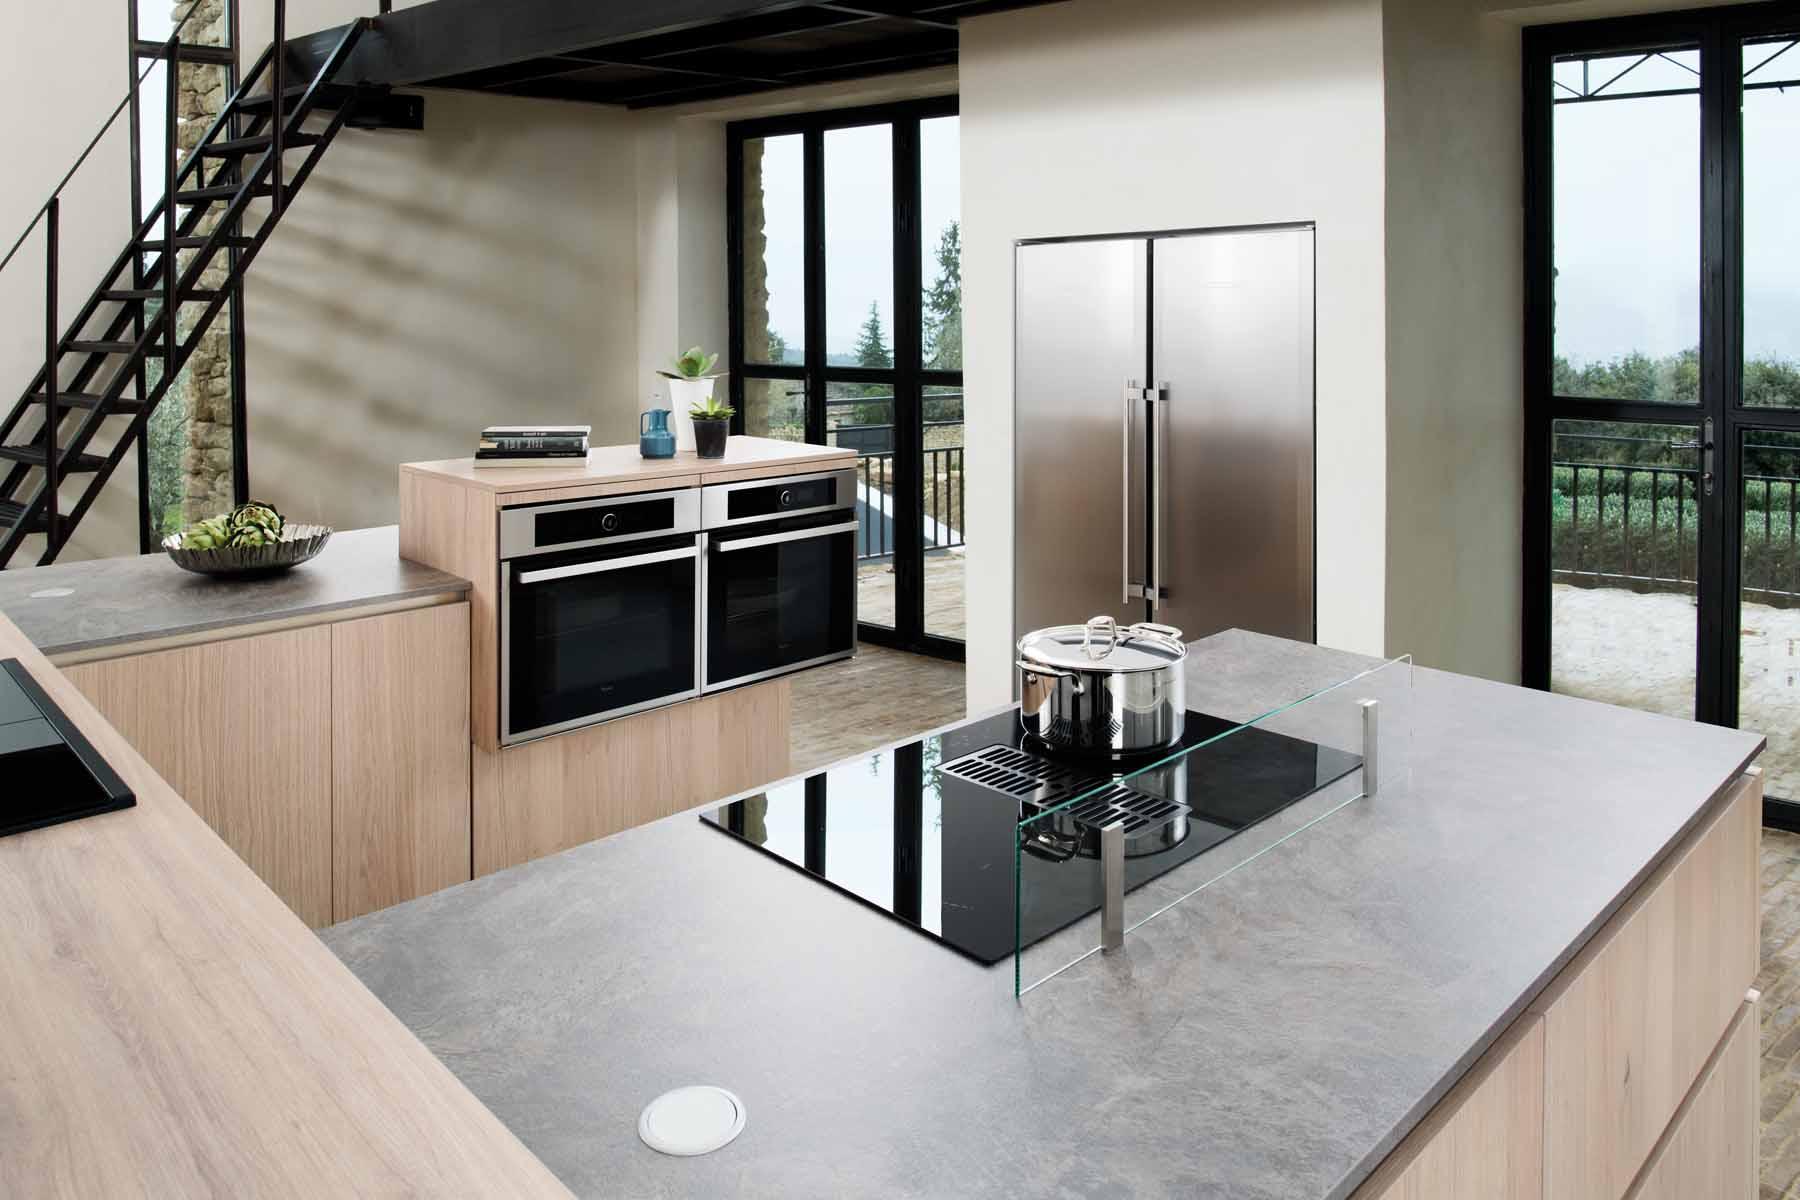 dunstabzug integriert im kochfeld schmidt k chen und wohnwelt in dresden. Black Bedroom Furniture Sets. Home Design Ideas